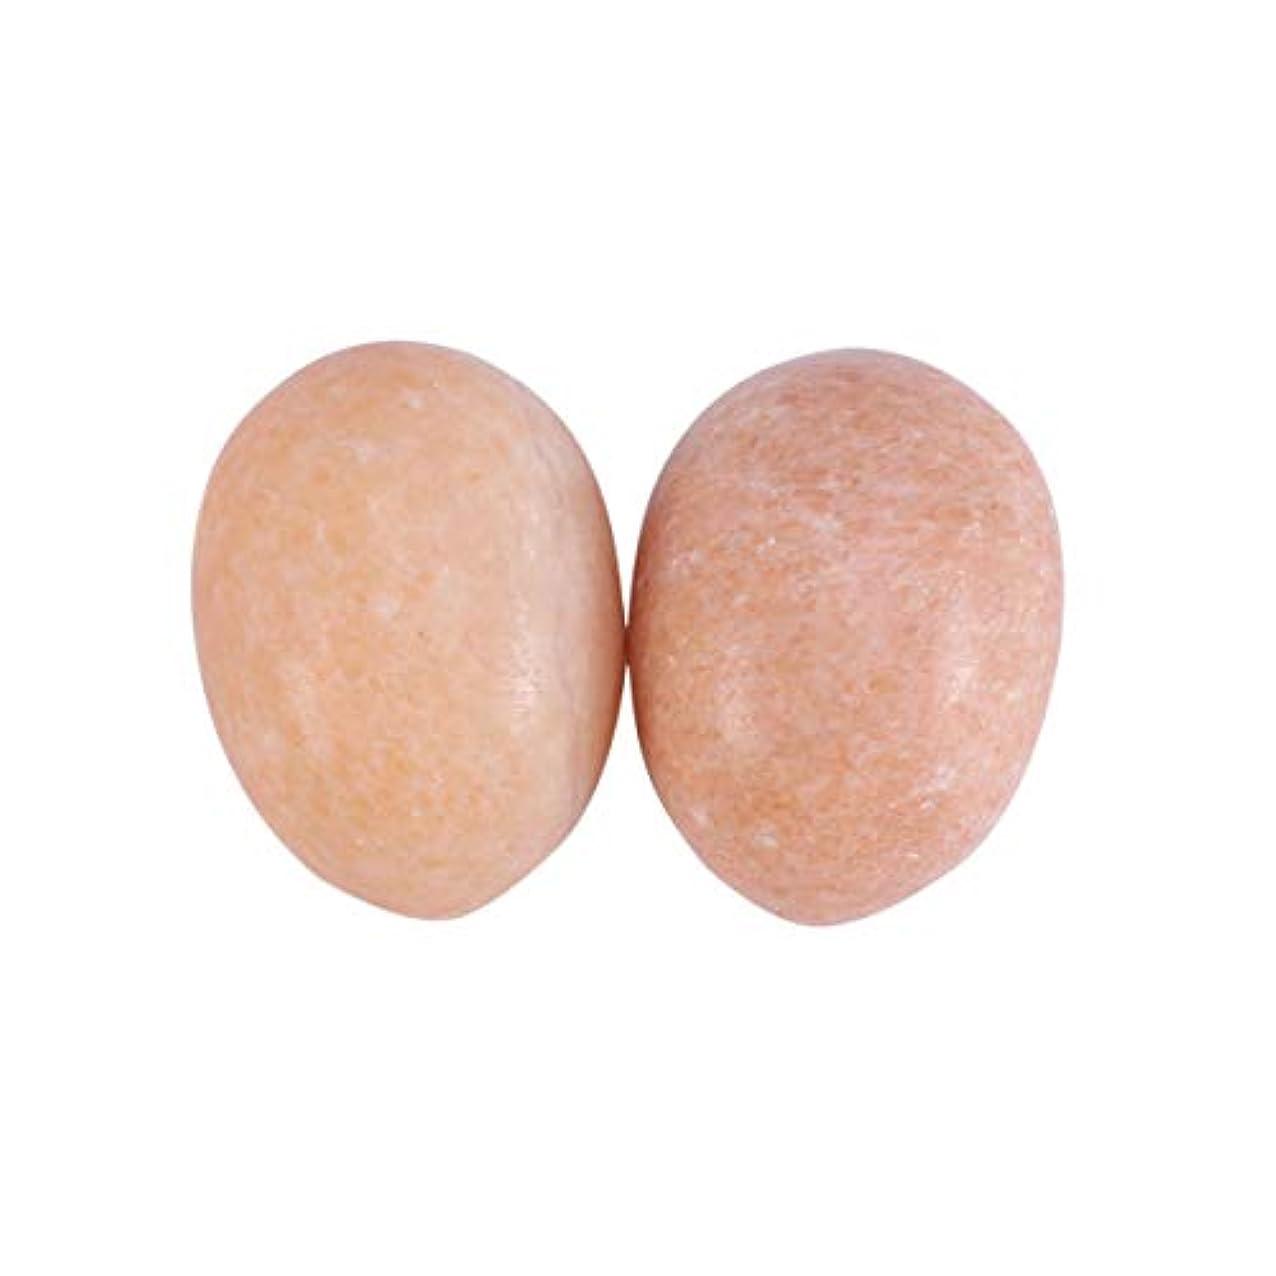 闇決してエピソードHealifty 6PCS玉ヨニ卵マッサージ癒しの石のケゲル運動骨盤底筋運動(日没赤)